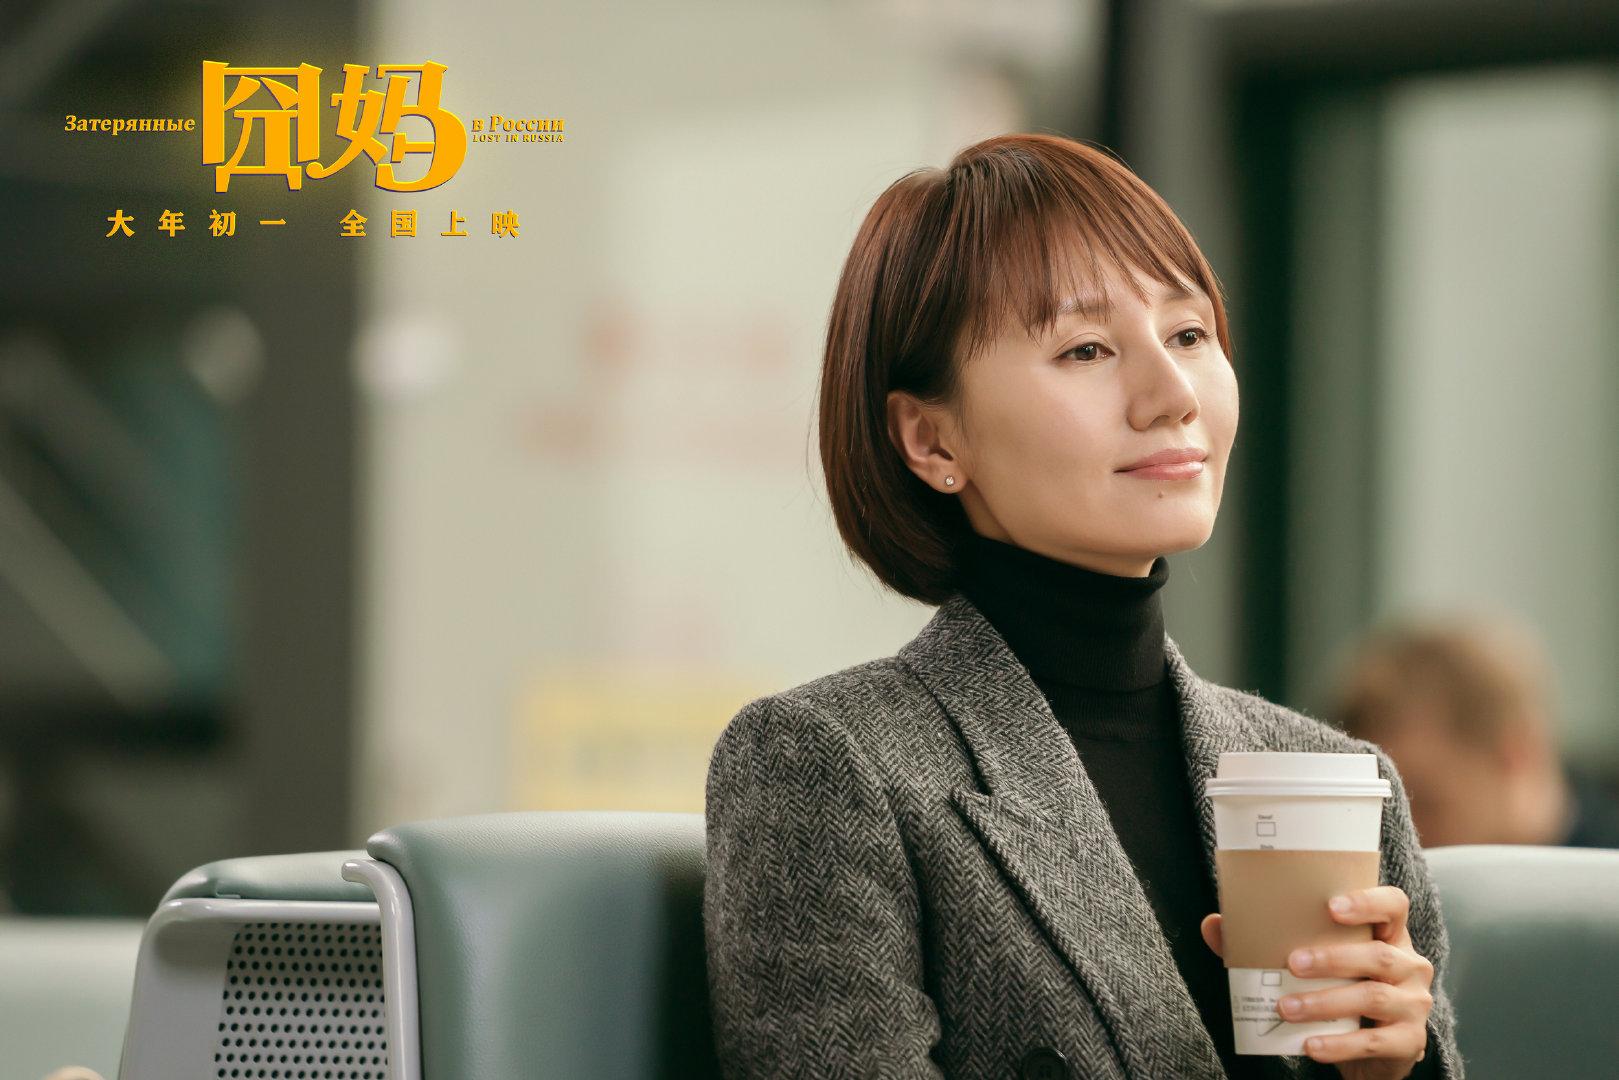 春节档电影《囧妈》免费看了,徐峥电影《囧妈》流媒体免费上映